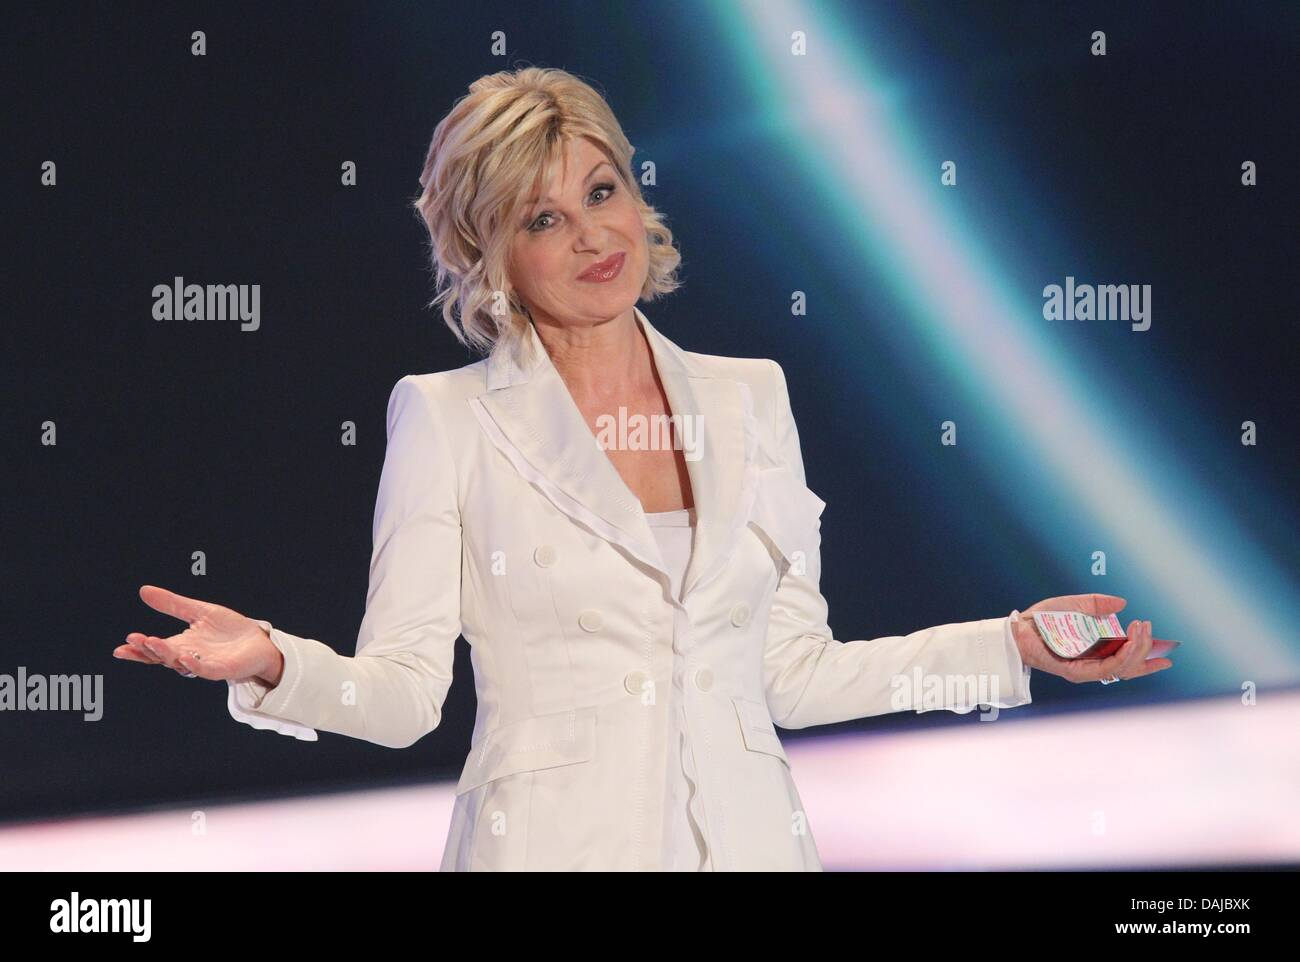 Carmen Nebel moderiert am Samstag (02.04.2011) die ZDF-Livesendung «Willkommen bei Carmen Nebel» in der - Stock Image